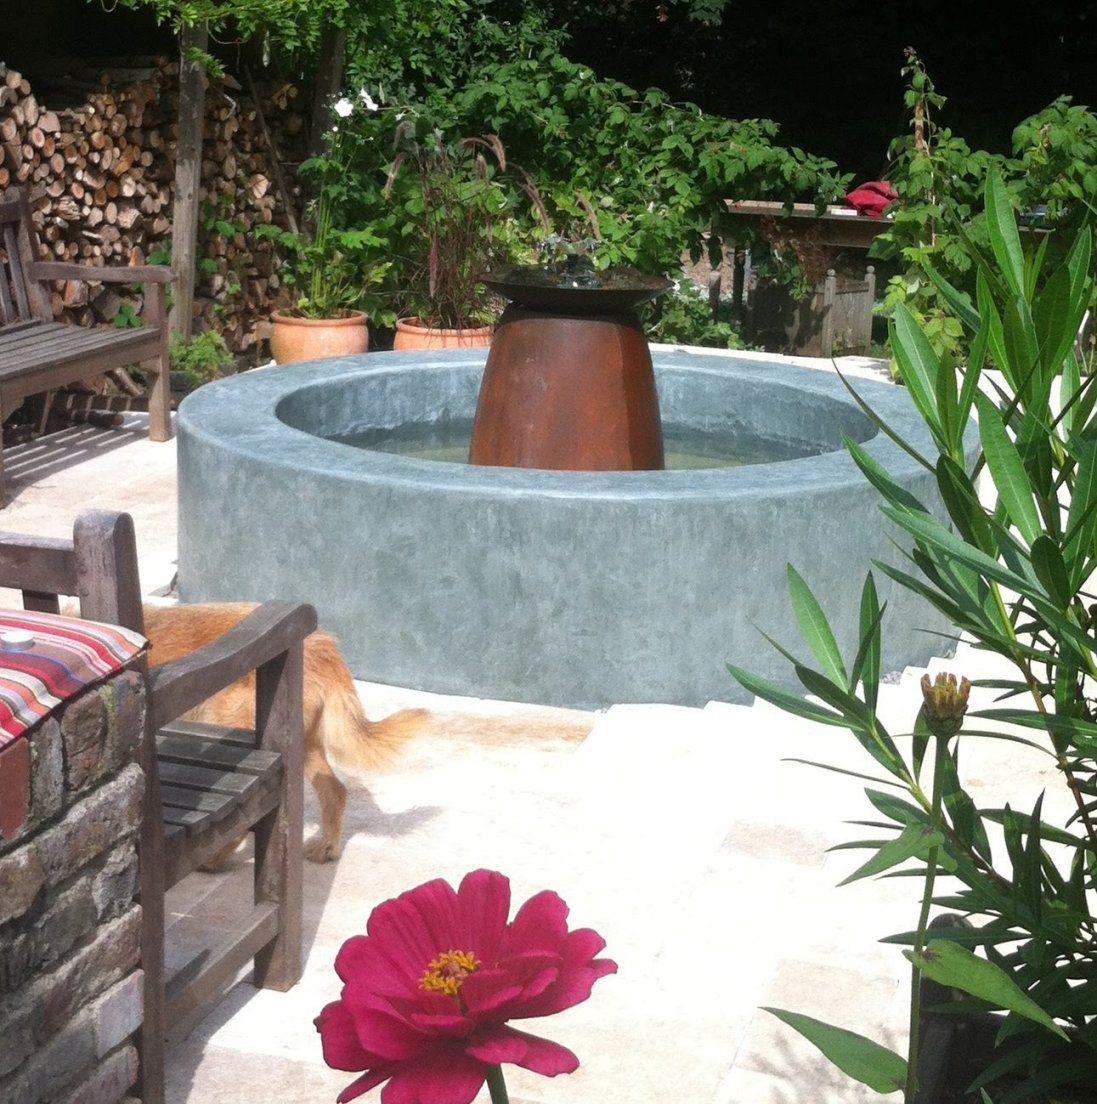 Einen Springbrunnen In Handarbeit Selber Gemacht  Youtube von Springbrunnen Garten Selber Bauen Photo